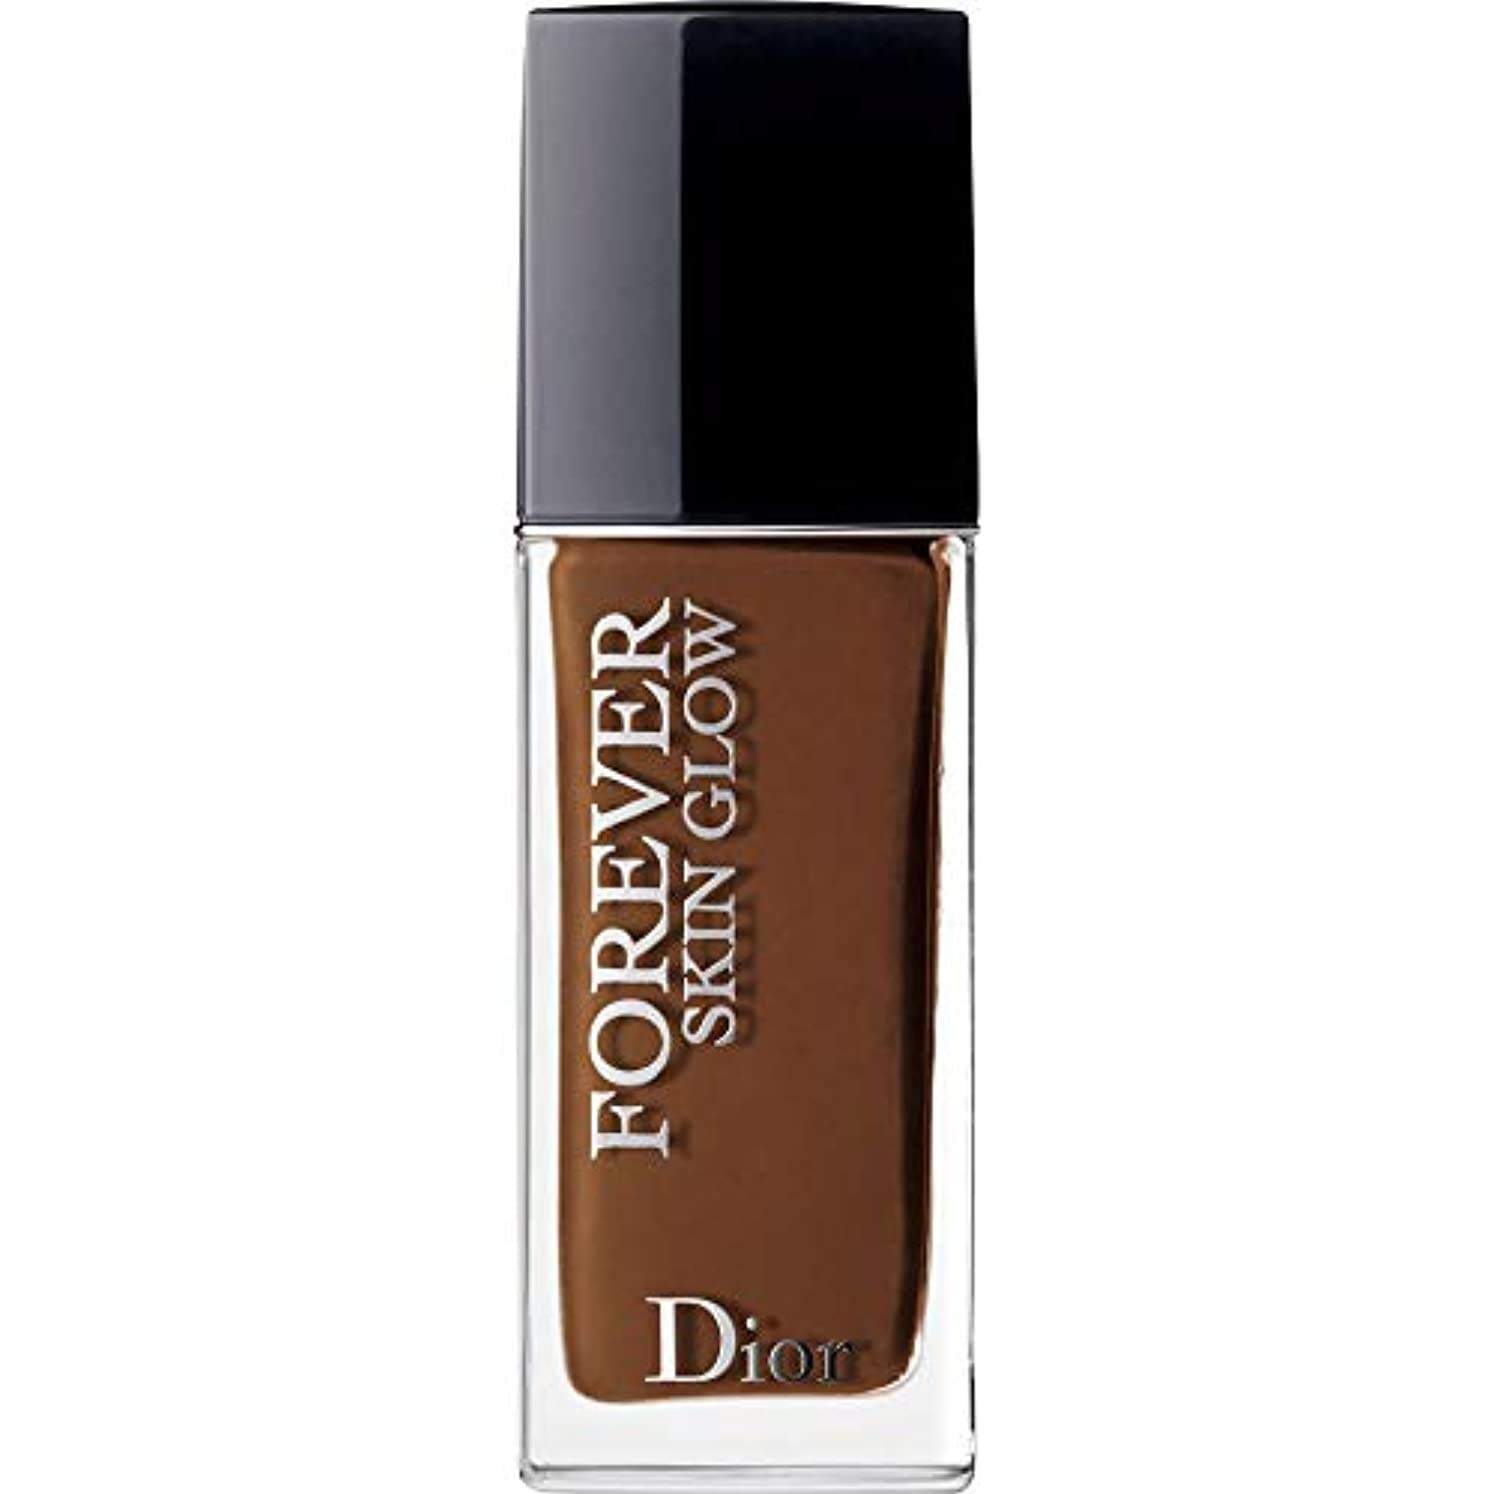 評価可能系統的温室[Dior ] ディオール永遠に皮膚グロー皮膚思いやりの基礎Spf35 30ミリリットルの9N - ニュートラル(肌の輝き) - DIOR Forever Skin Glow Skin-Caring Foundation...